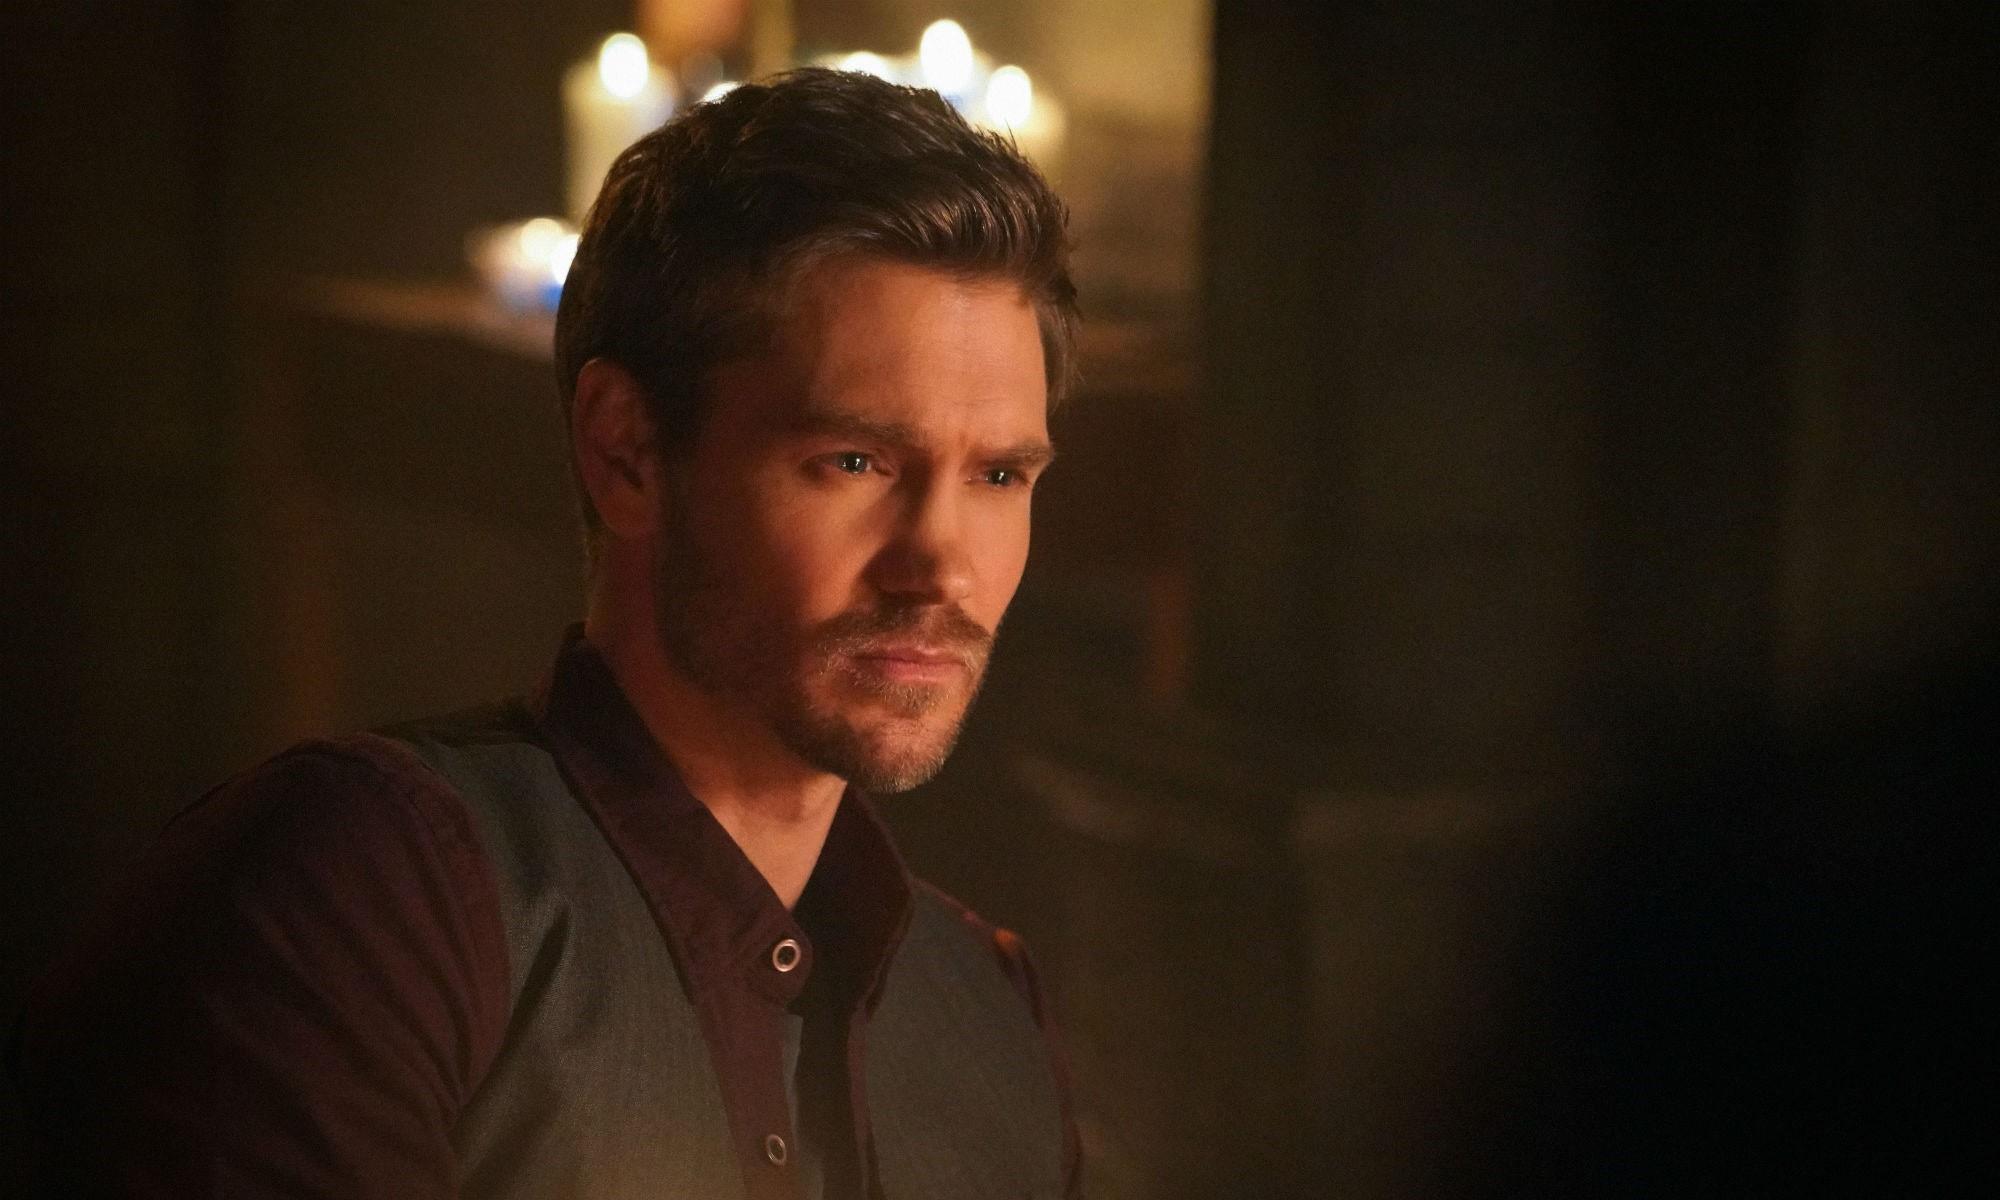 Anh là ngôi sao của loạt phim Riverdaletrên CW.